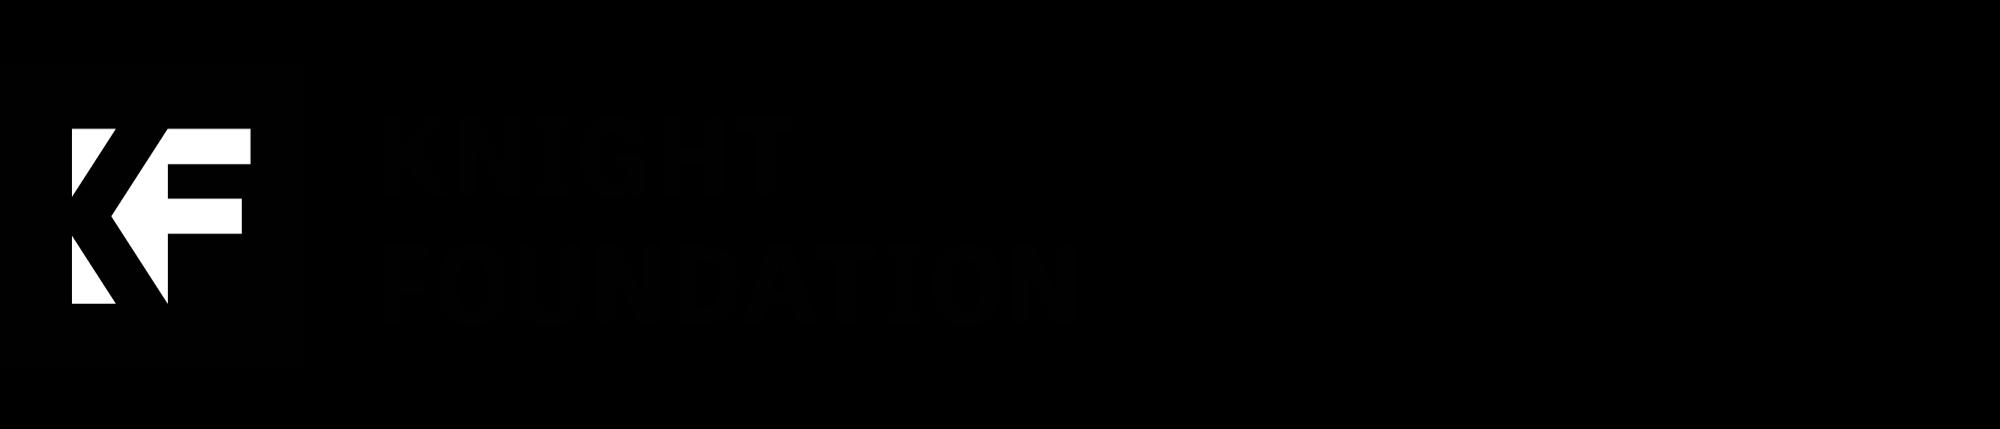 Web-Logos-(Mobile)-1.png